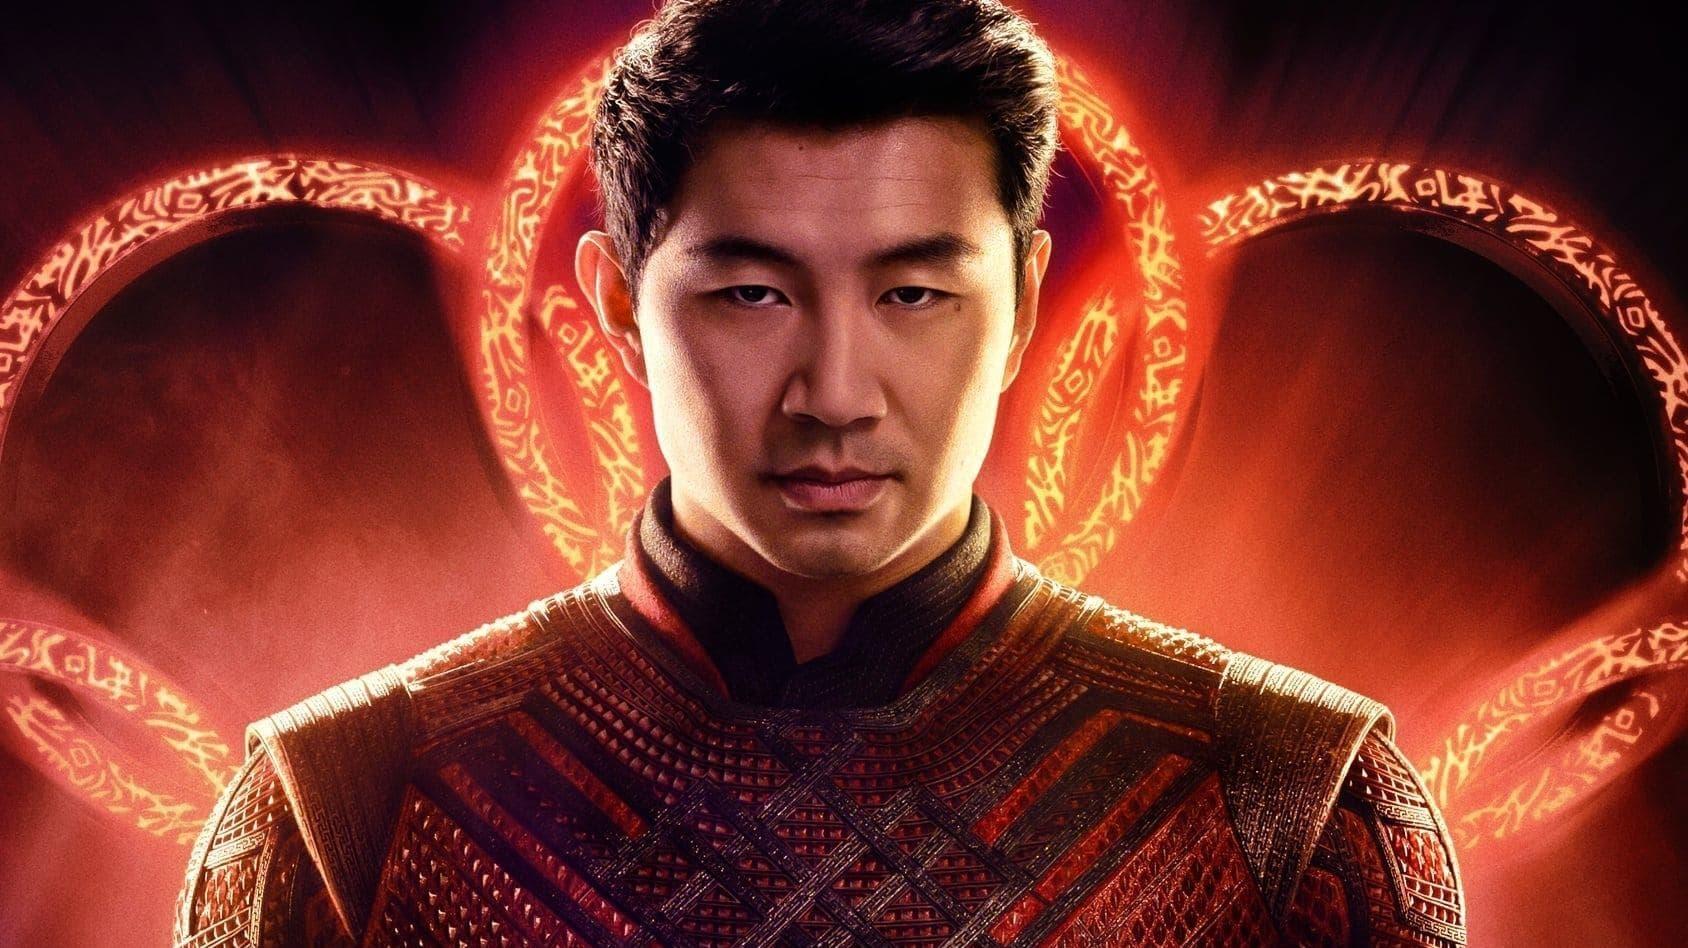 Assistir Shang Chi E A Lenda Dos Dez Aneis Online Dublado E Legendado Topflix